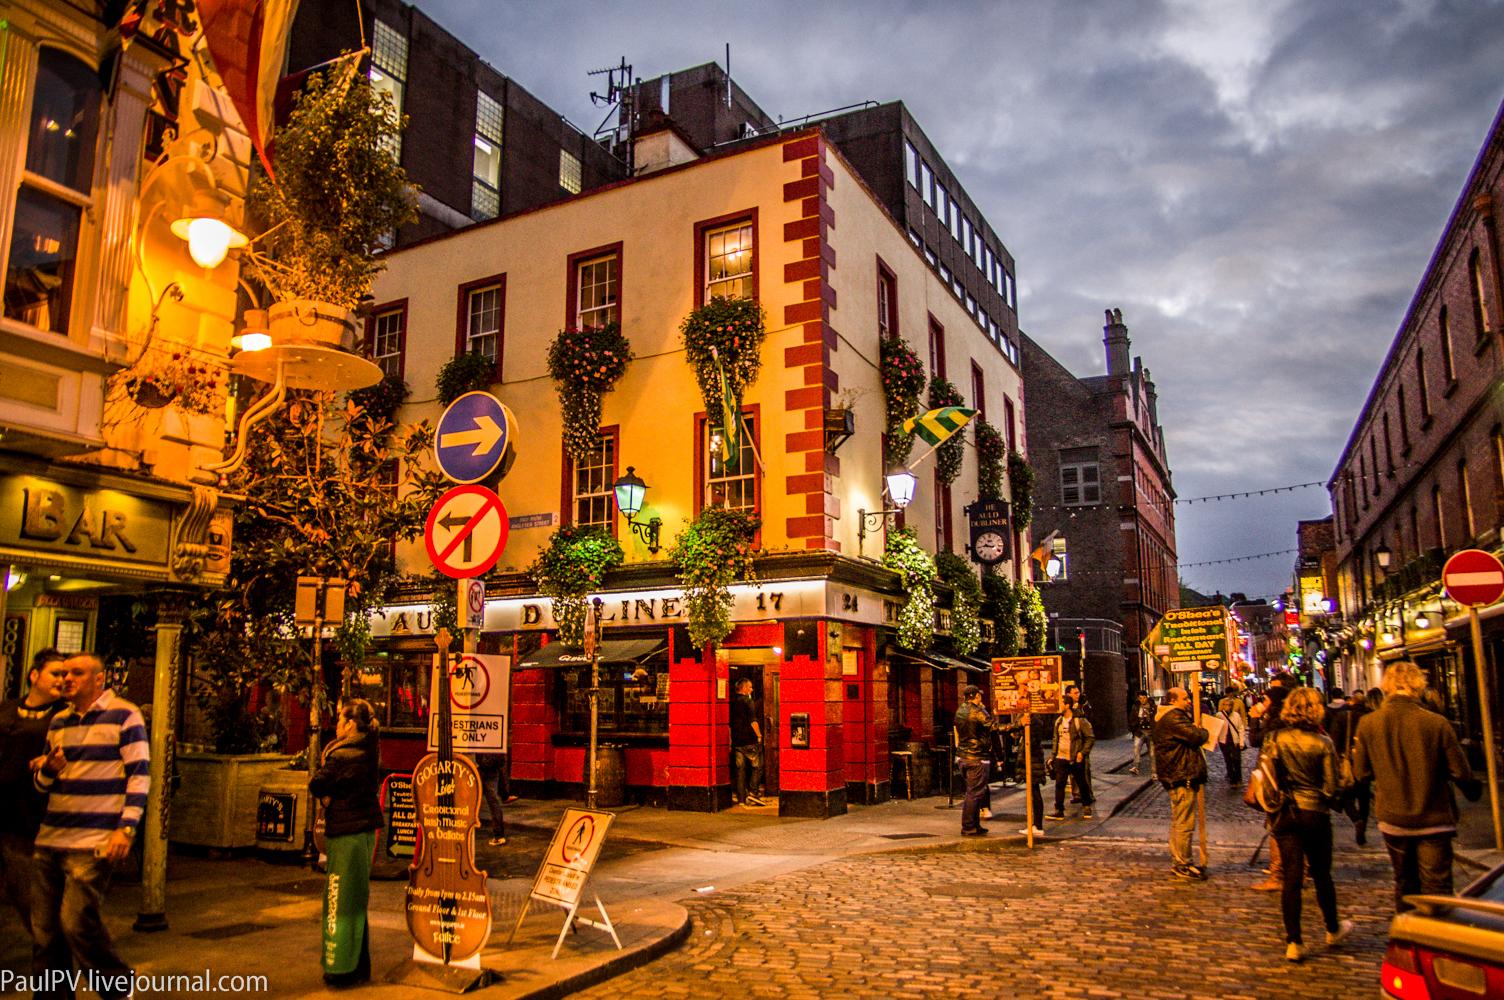 Дублин. Ирландия. PaulPV.ru